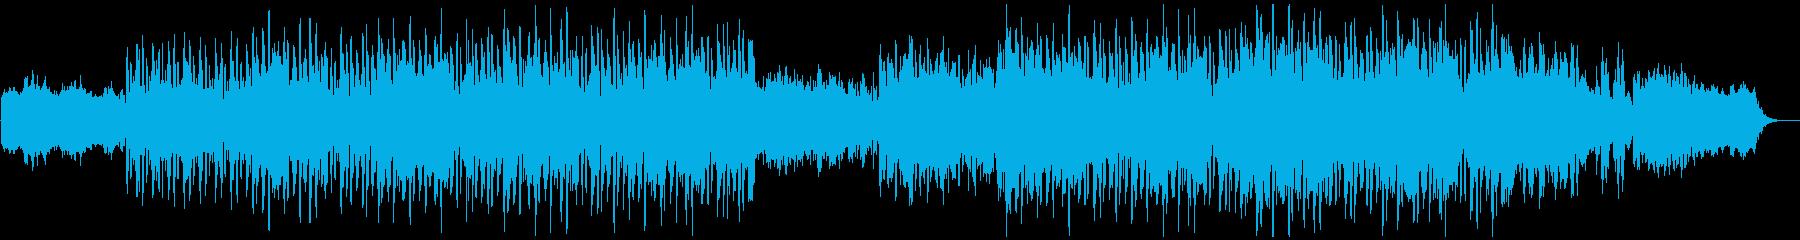 和風音階を使った幻想的ドラムンベースの再生済みの波形